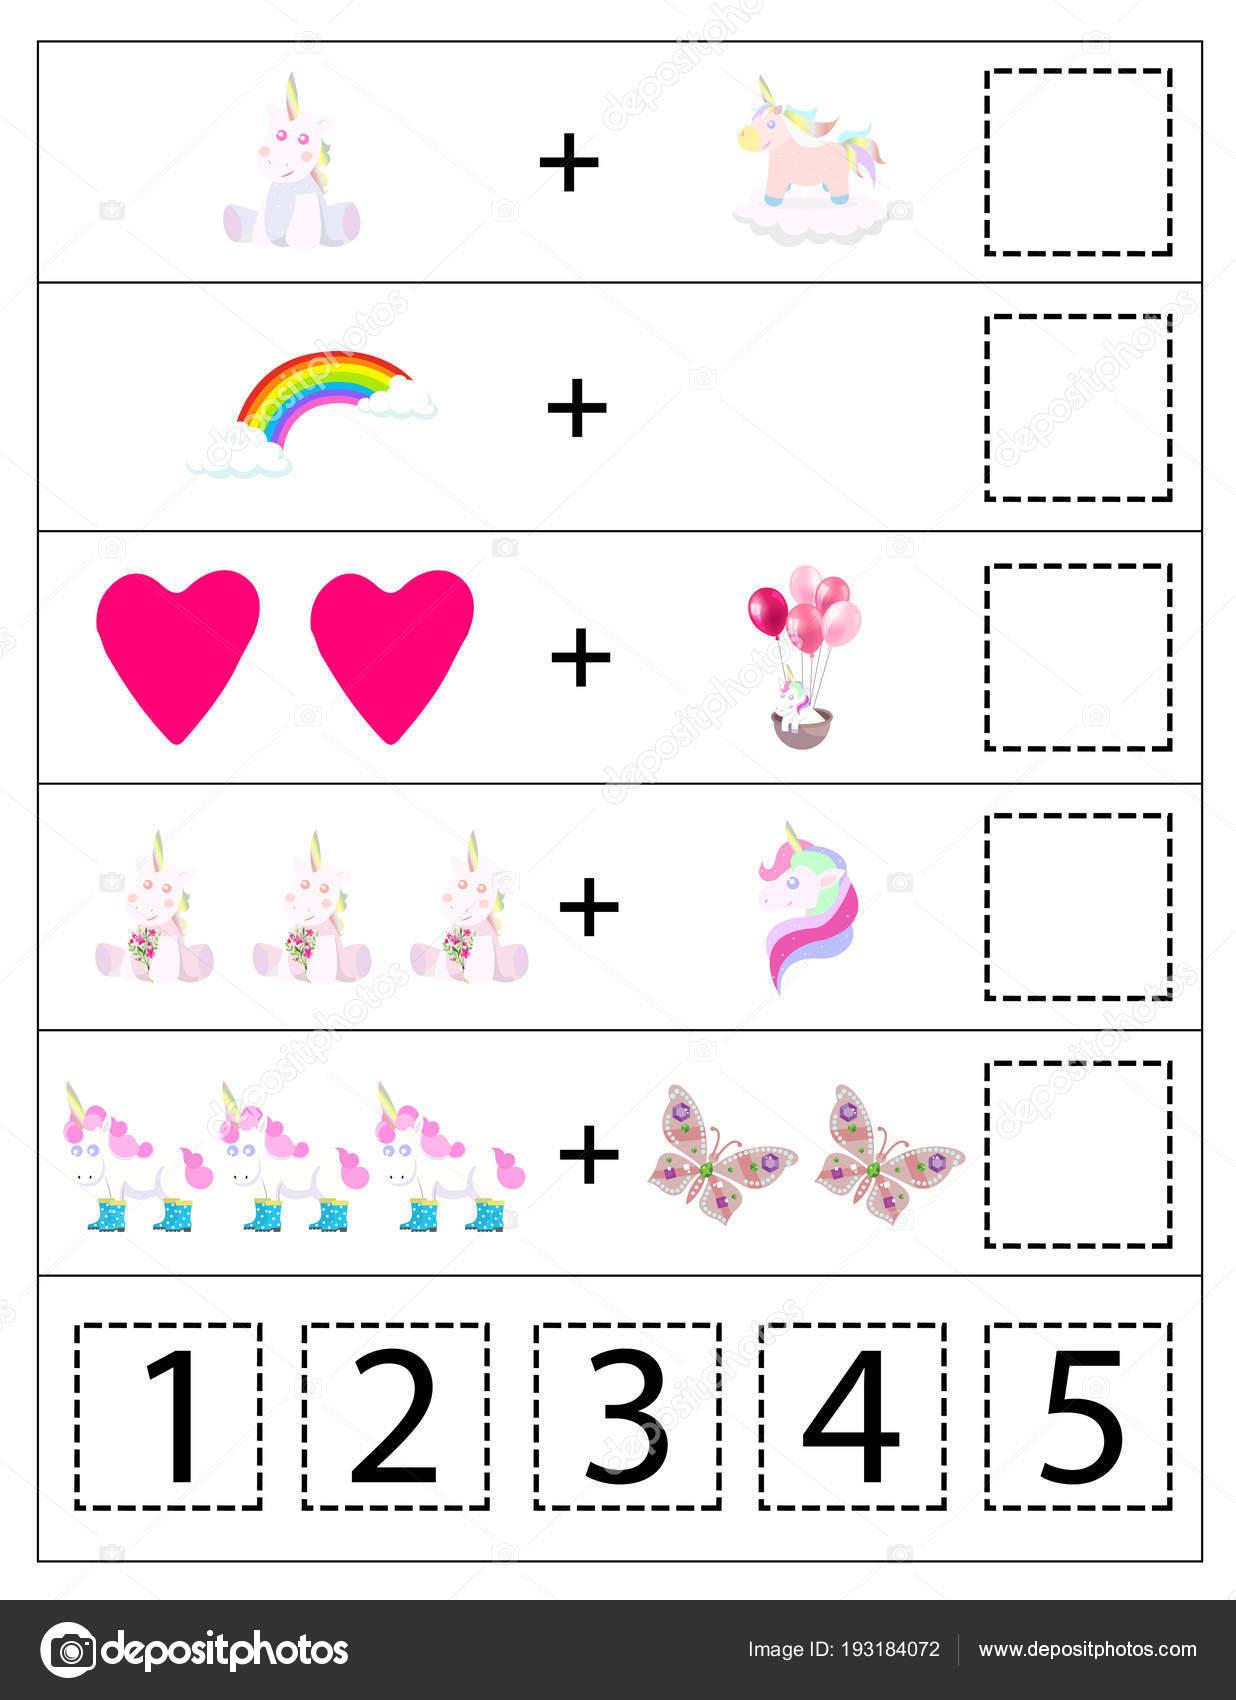 Juegos Matematicos Para Imprimir